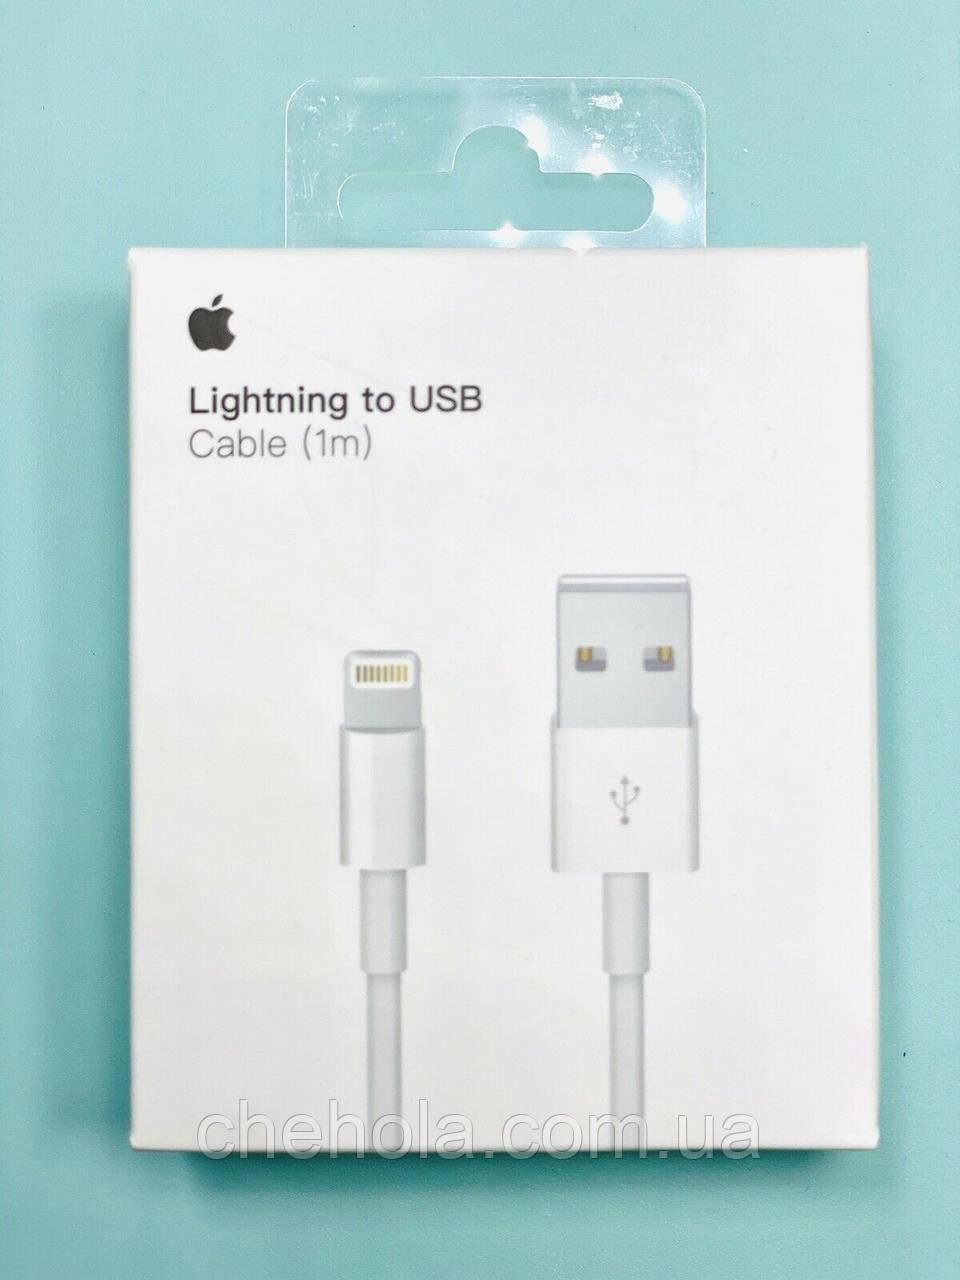 Оригинальный USB кабель для Iphone XR 1 Метр MD818ZM/A A1480